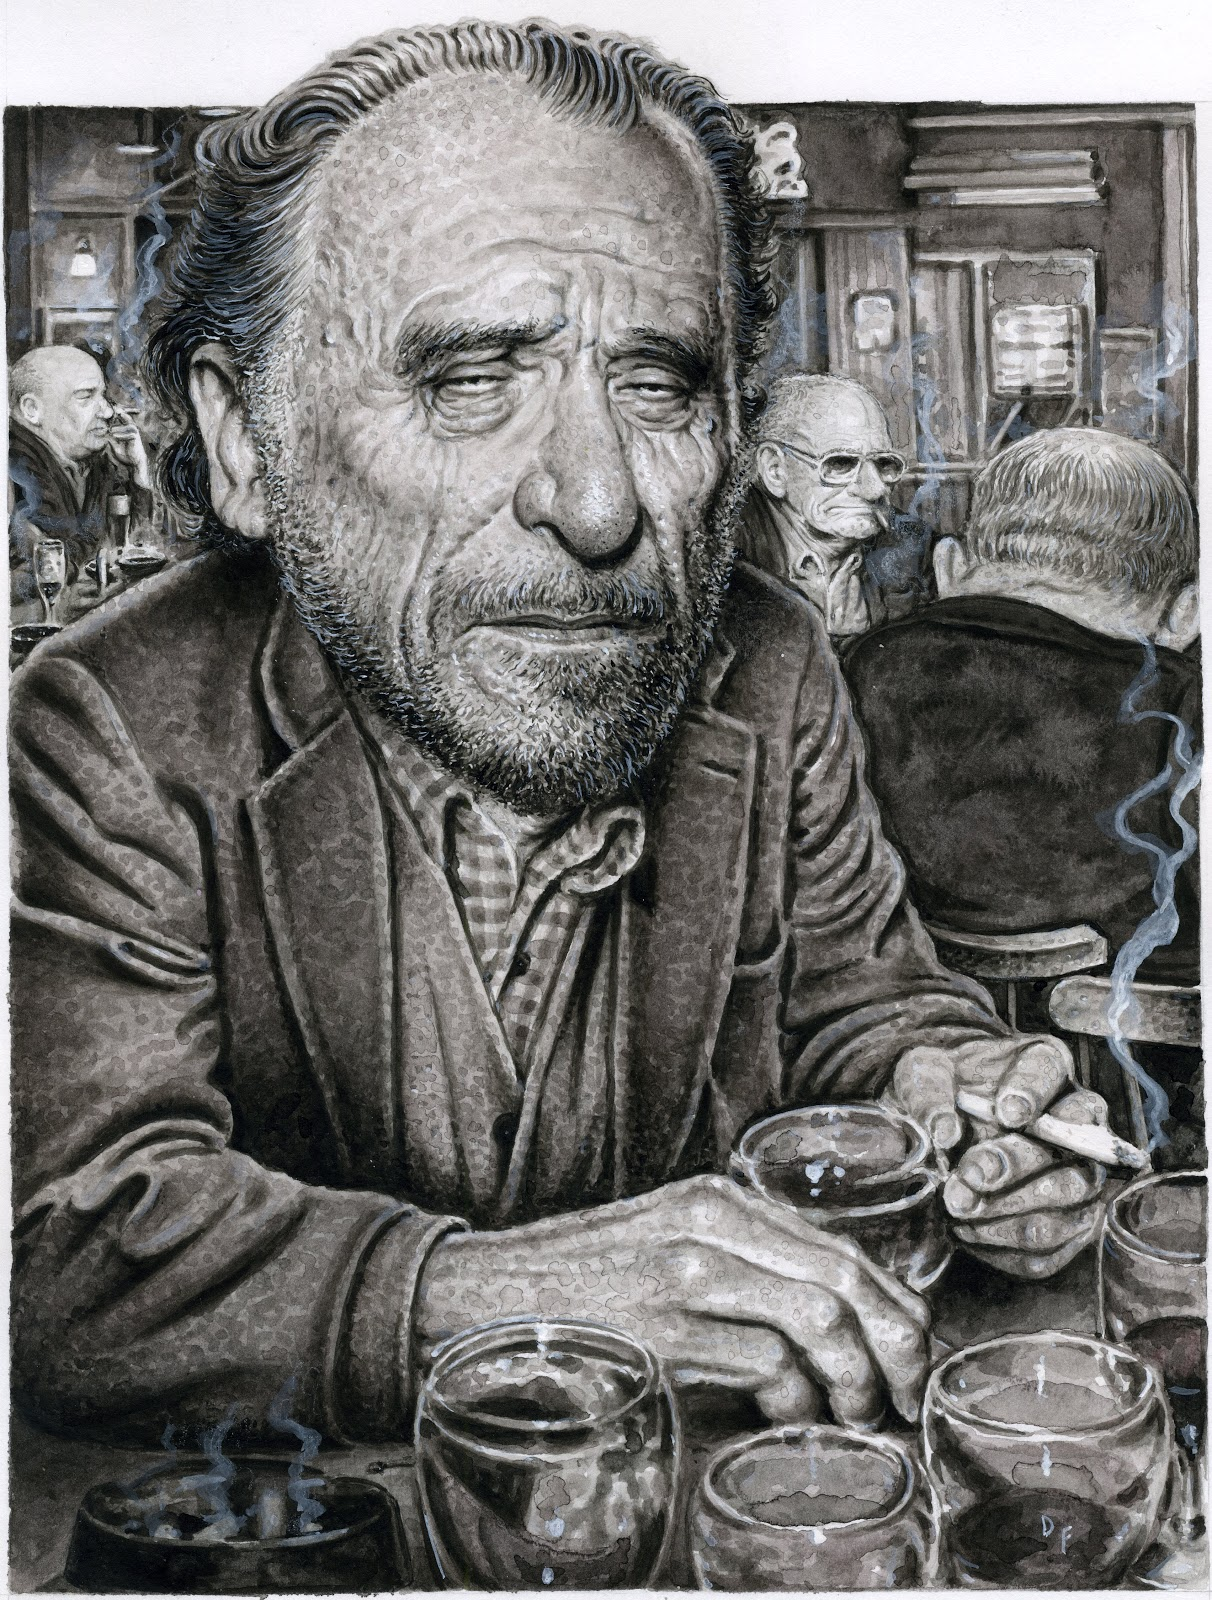 Drew Friedman's Portrait of Charles Bukowski